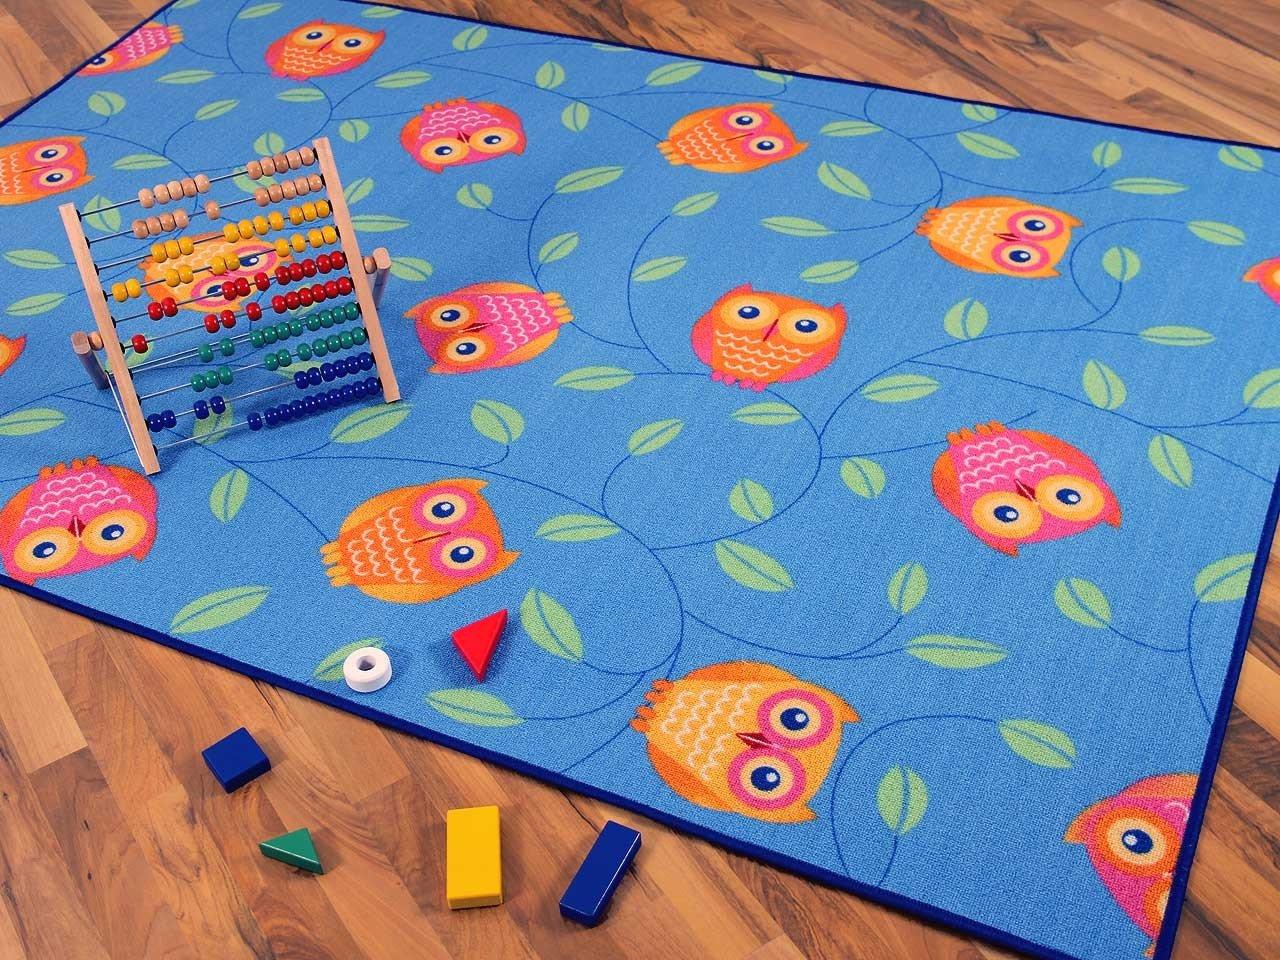 Snapstyle Kinder Kinder Kinder Spielteppich Eule Blau Türkis Grün in 24 Größen B00J48JFNW Teppiche & Lufer d63b1f